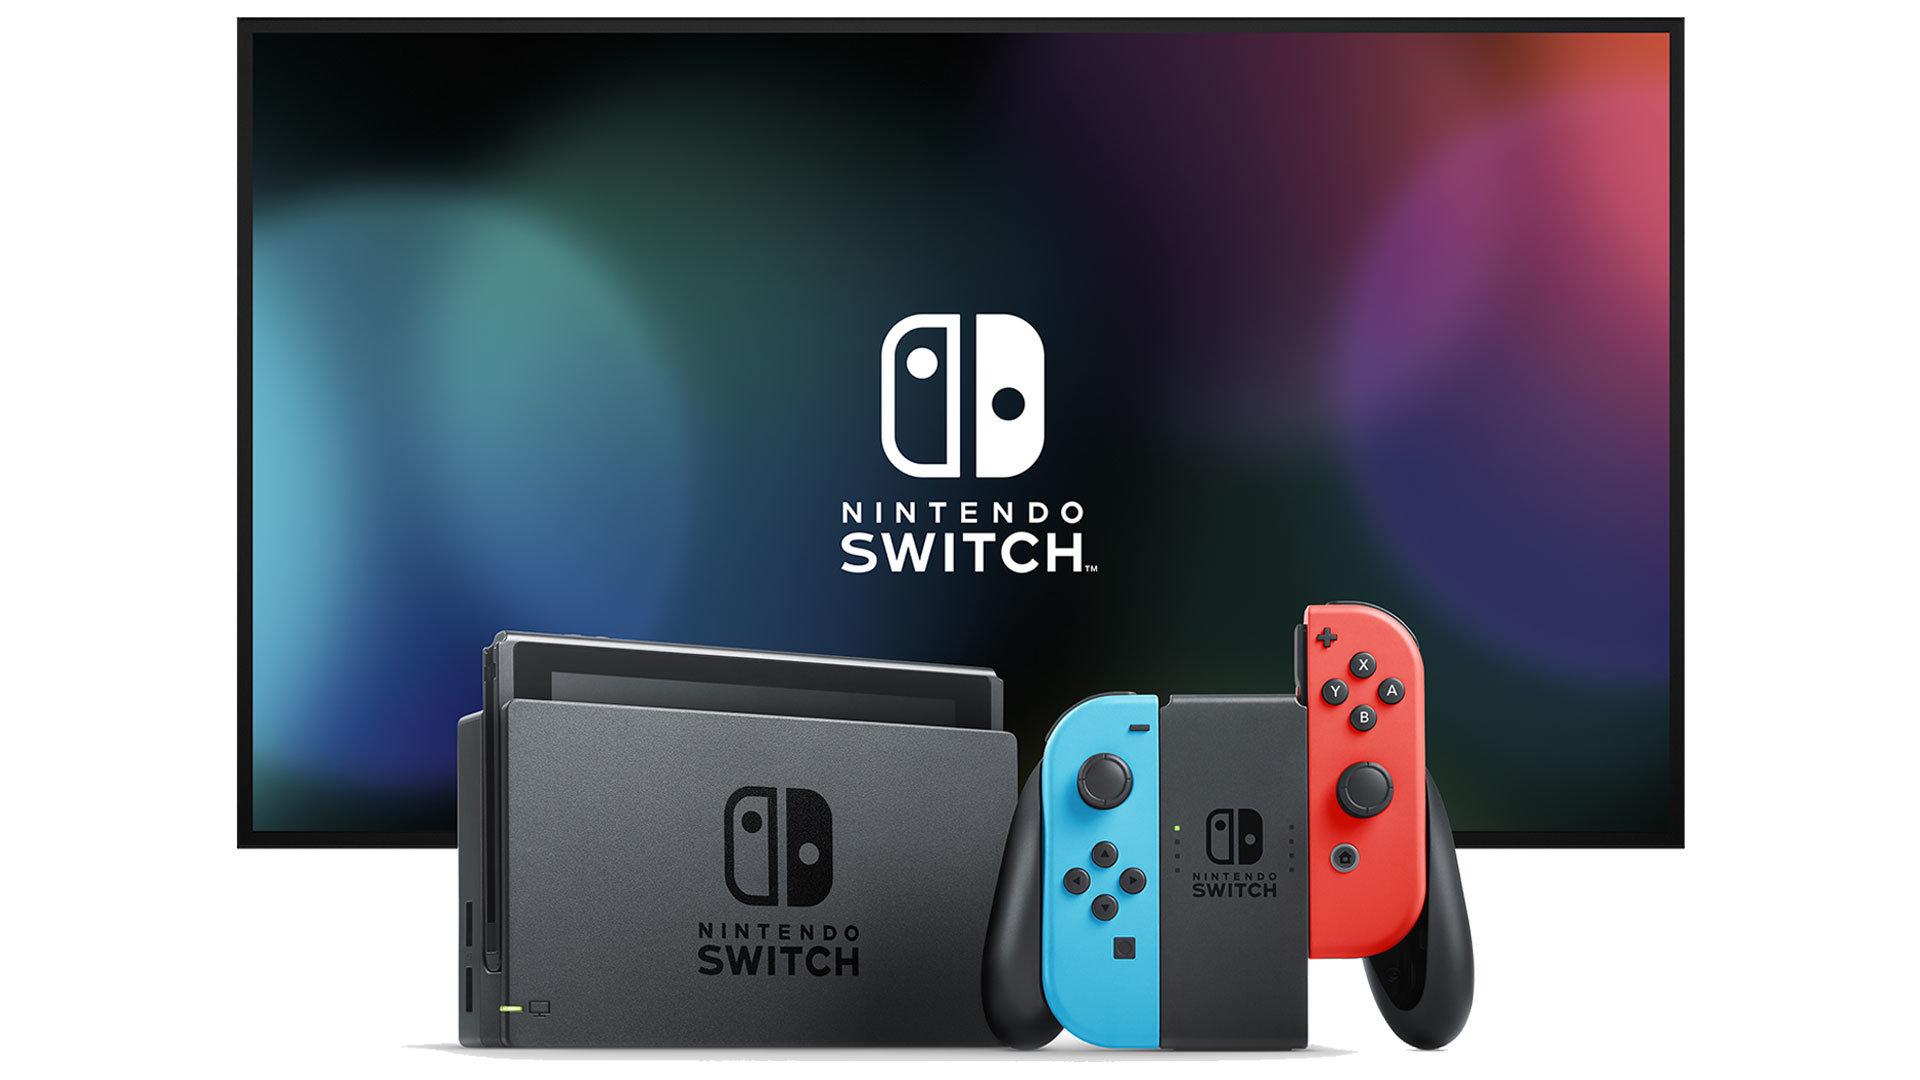 Nintendo Switch продалась тиражом более, чем 10 миллионов штук